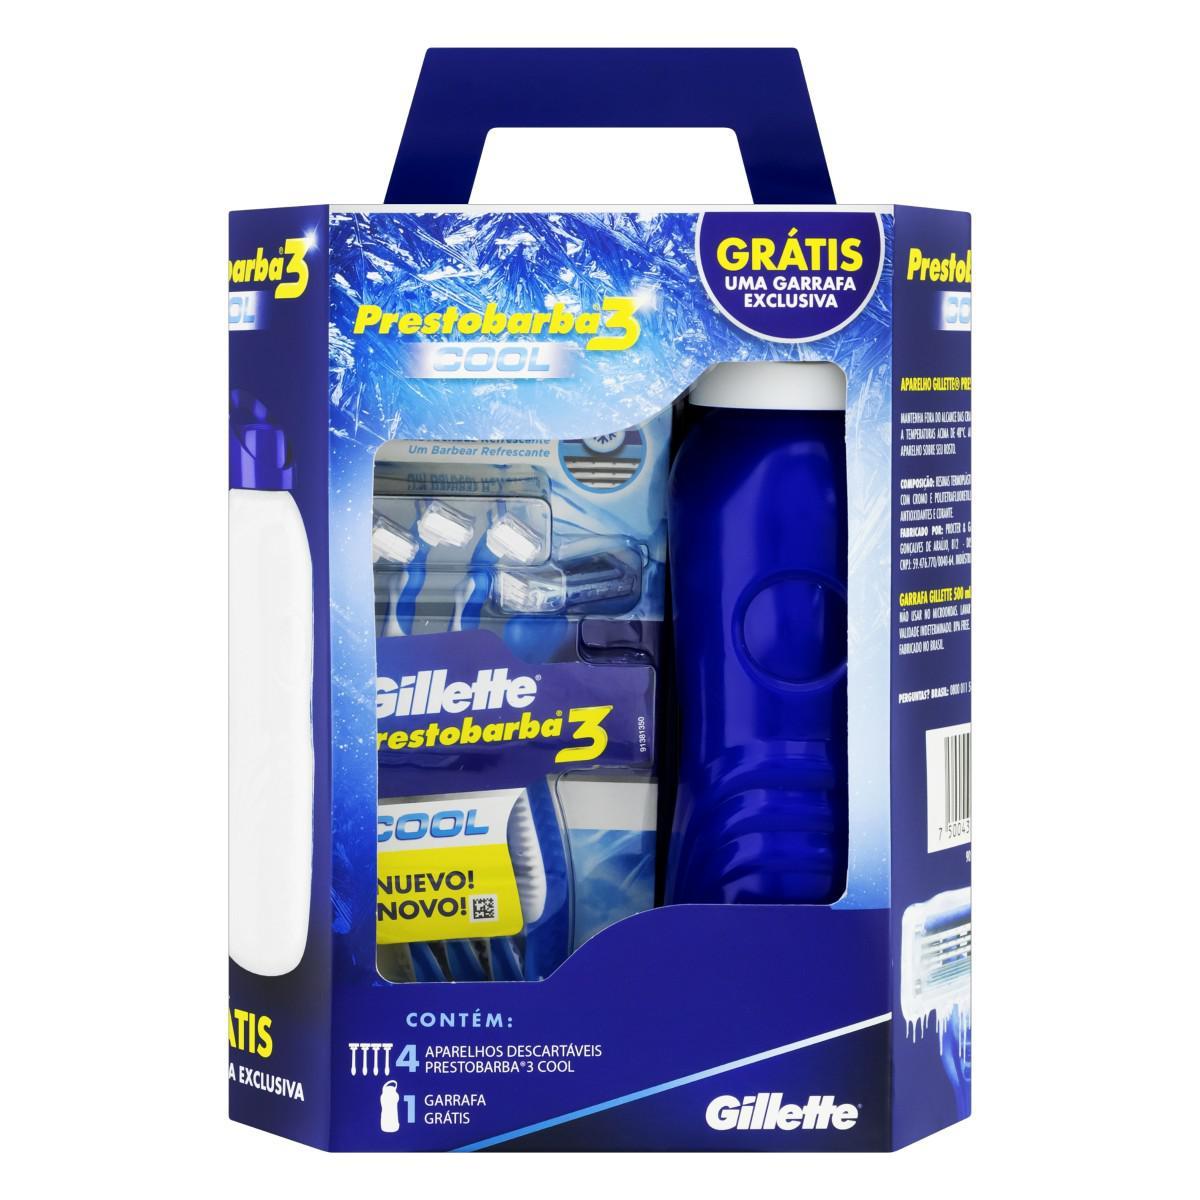 Kit Aparelho de Barbear Gillette Prestobarba 3 Cool Com 4 Unidades Grátis Garrafa